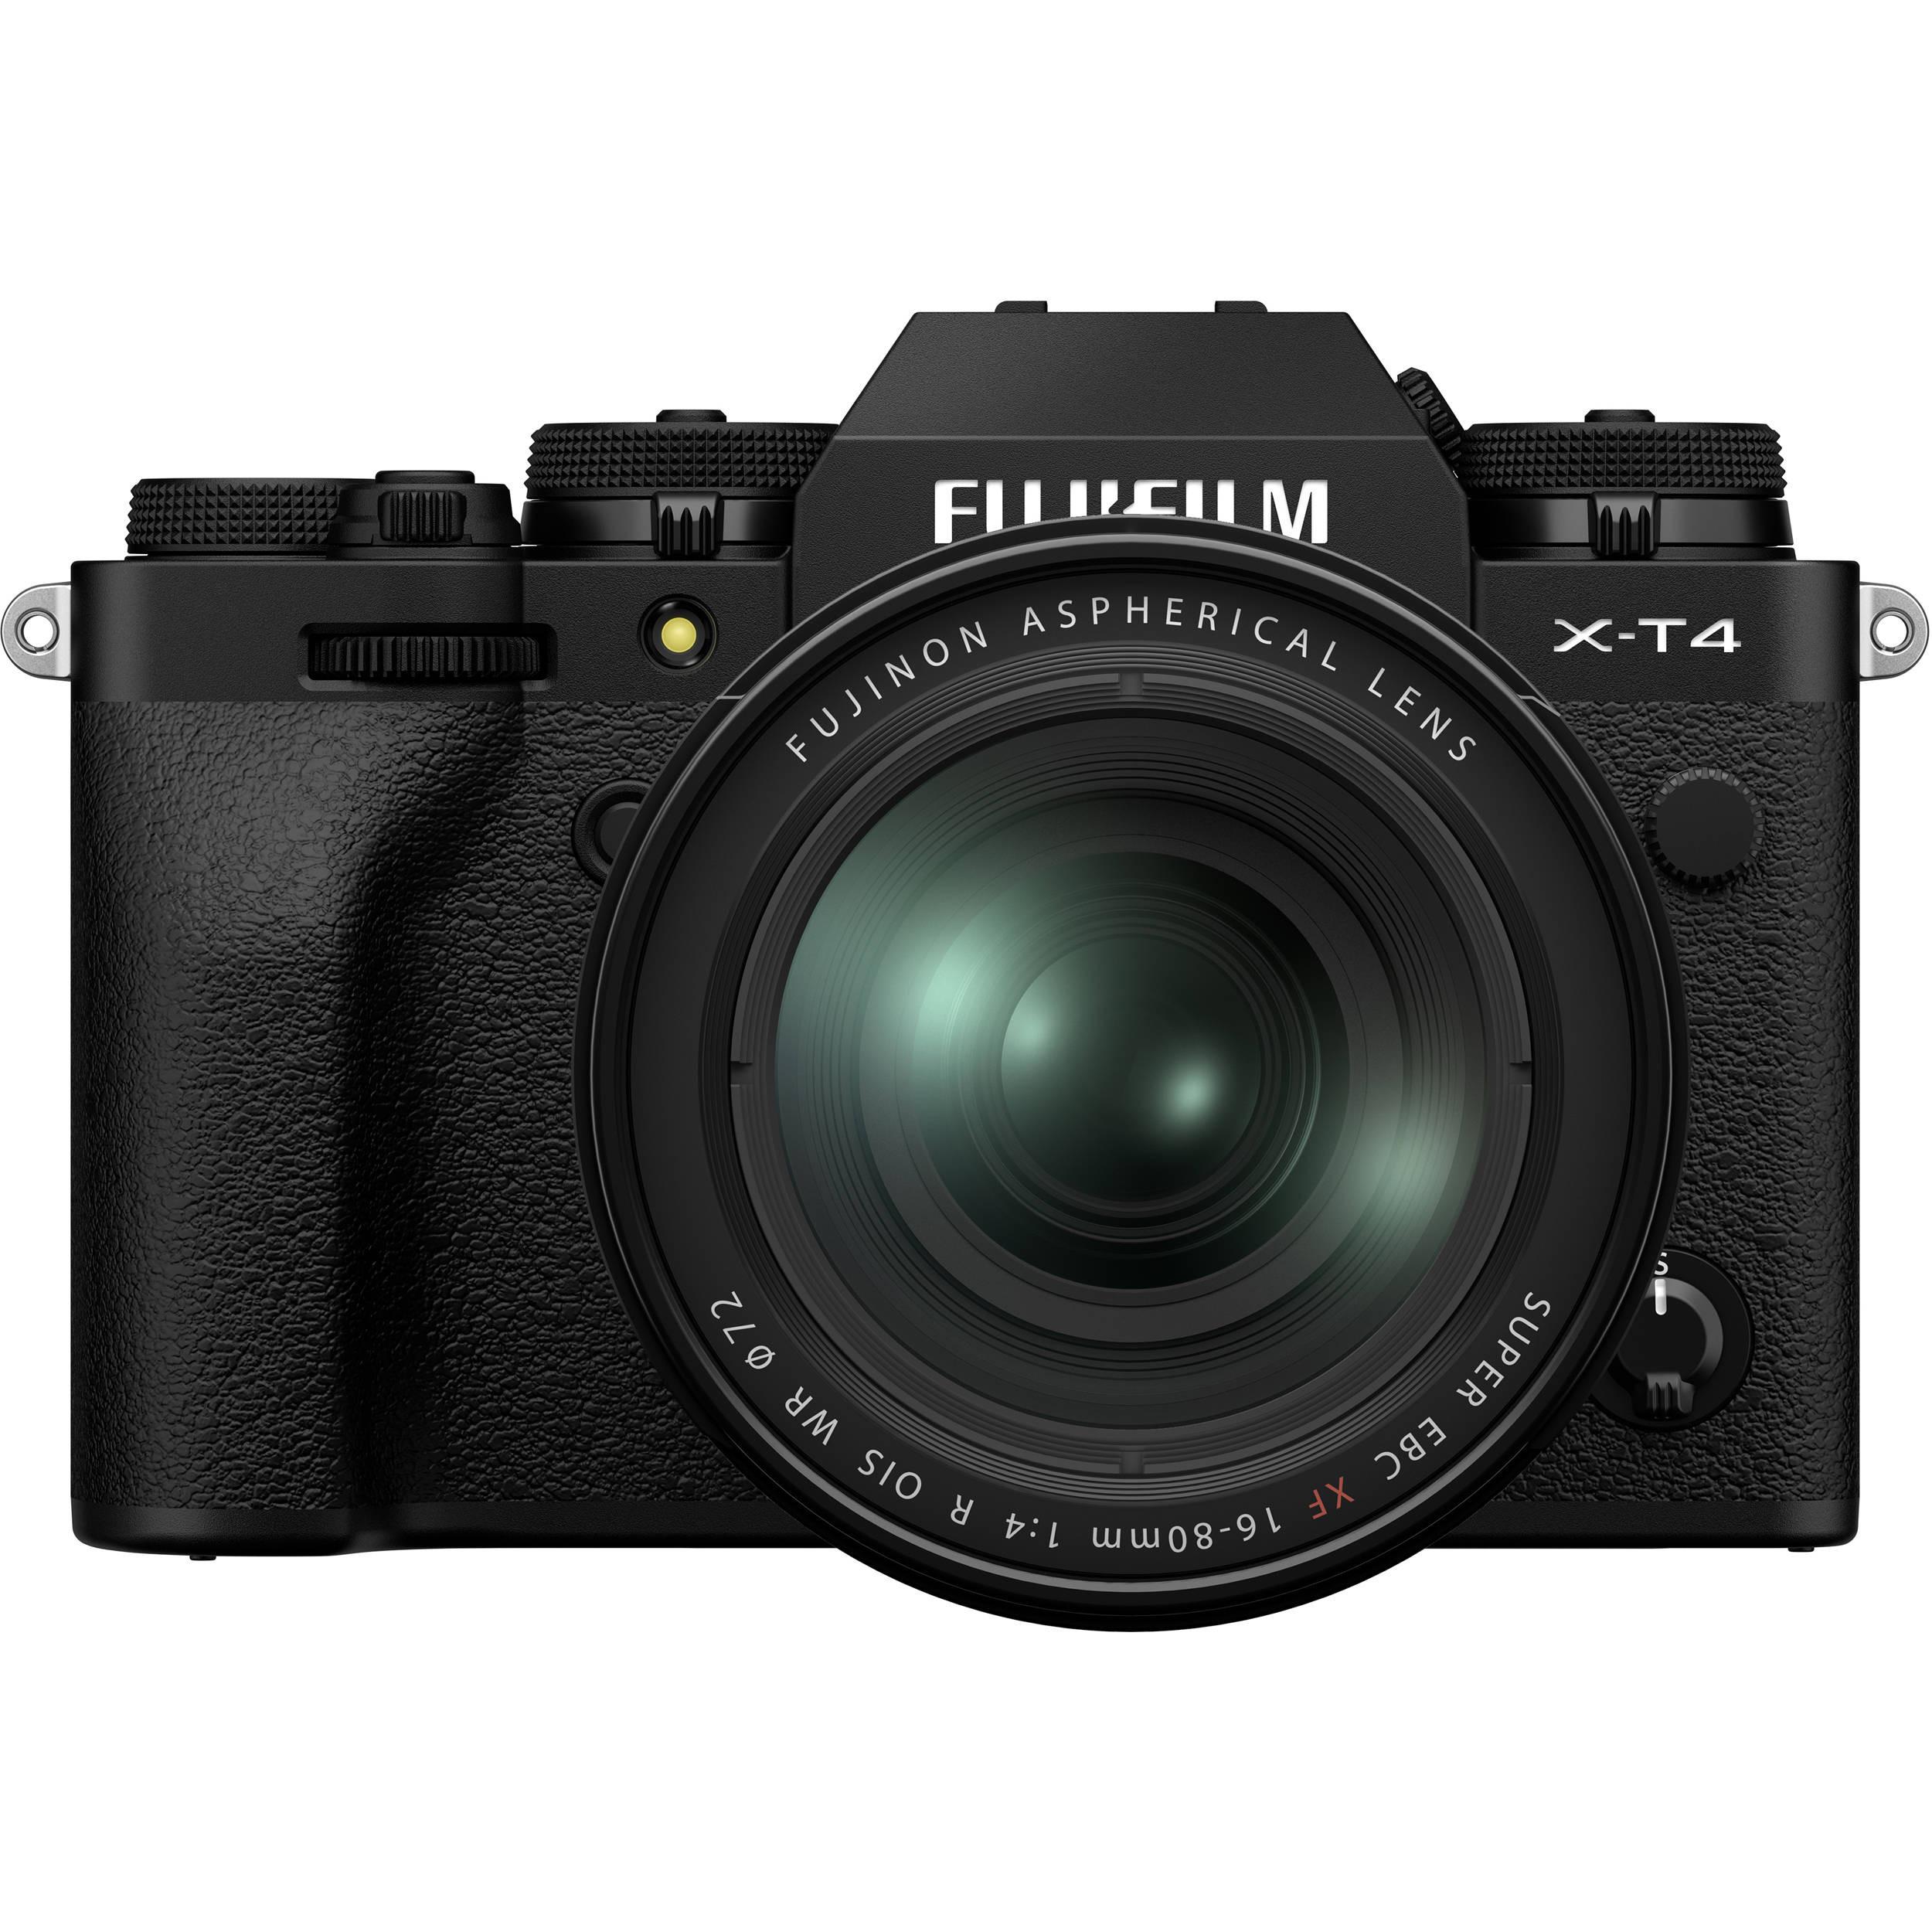 Fujifilm X-T4 Kit (XF 16-80mm f/4 R OIS WR) Black